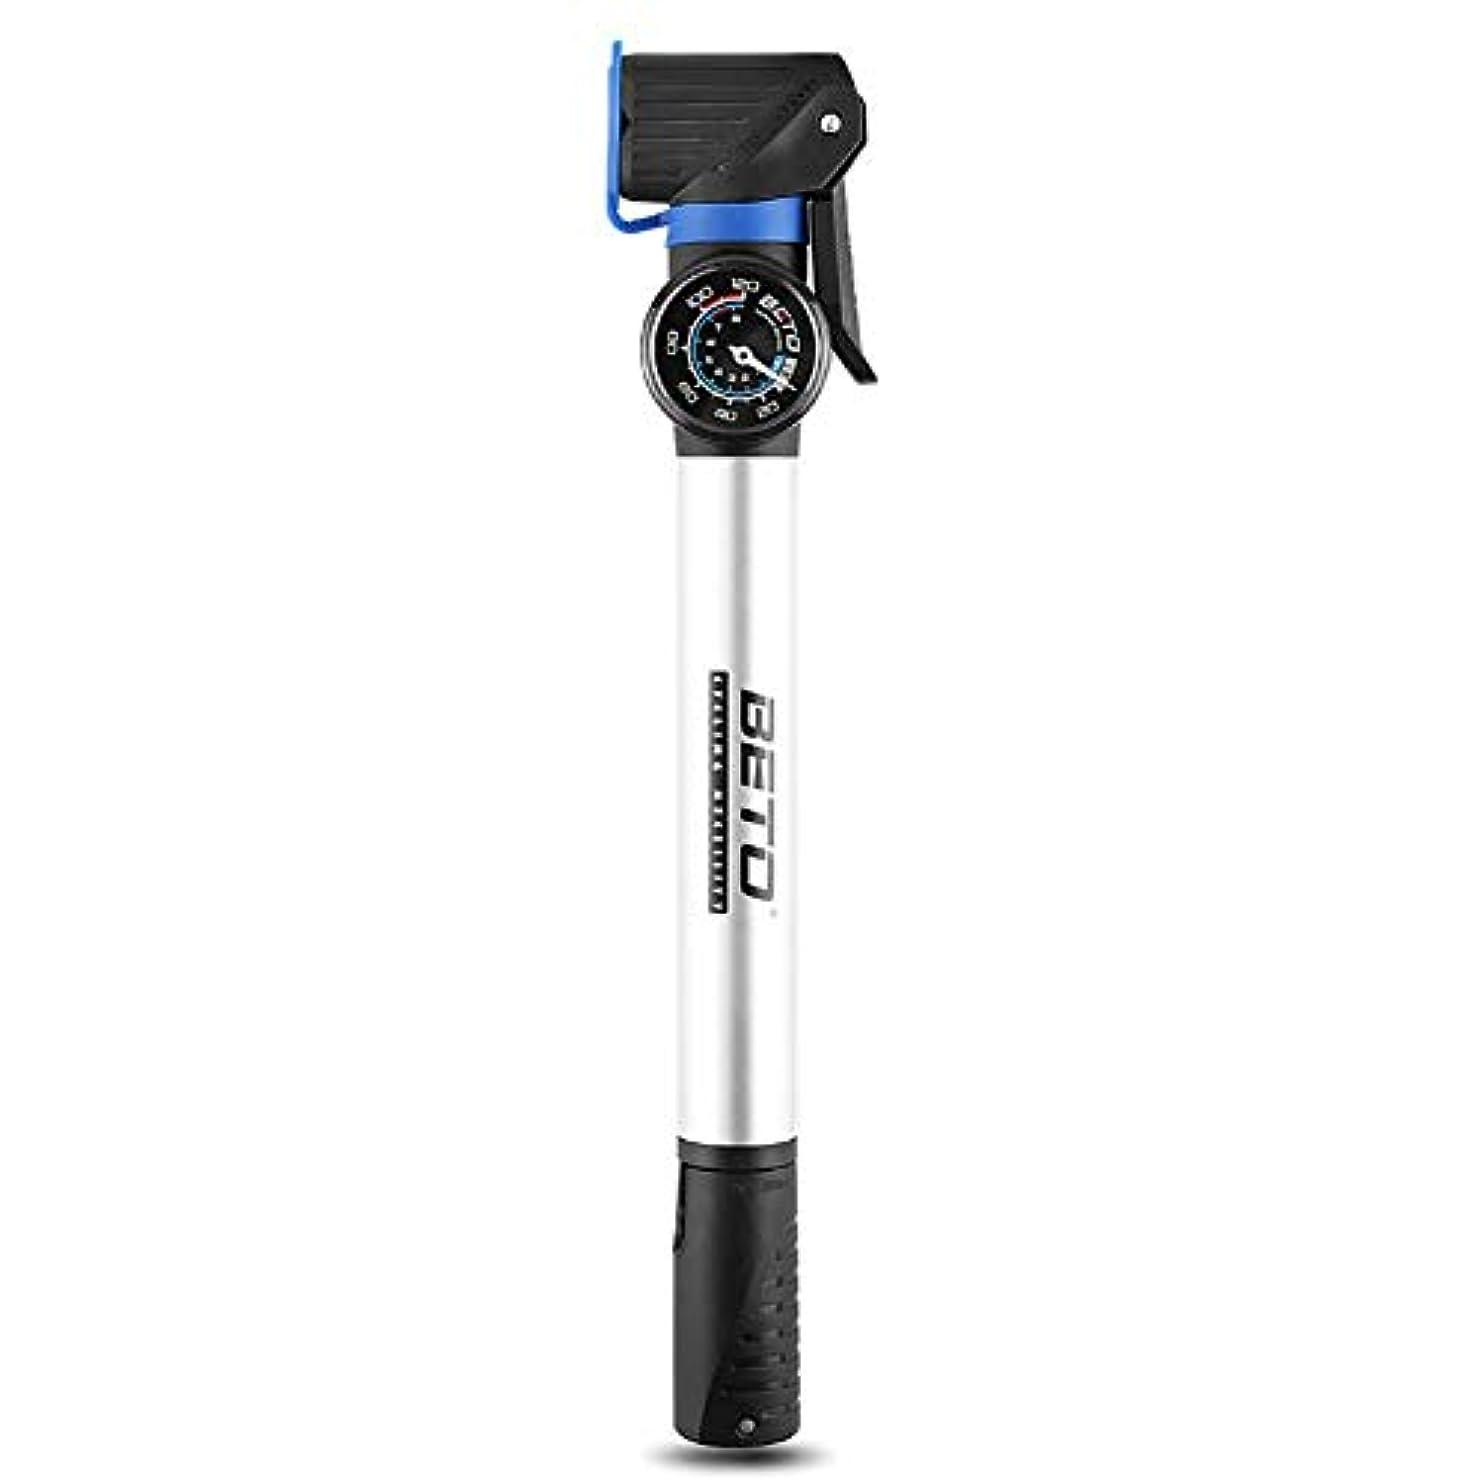 プロペラ雇用モニカポータブルアルミ合金ポンプ、圧力計付き、マウンテンバイク用、電動車、バスケットボール用、コンパクトで軽量のハンドヘルドエアーポンプ